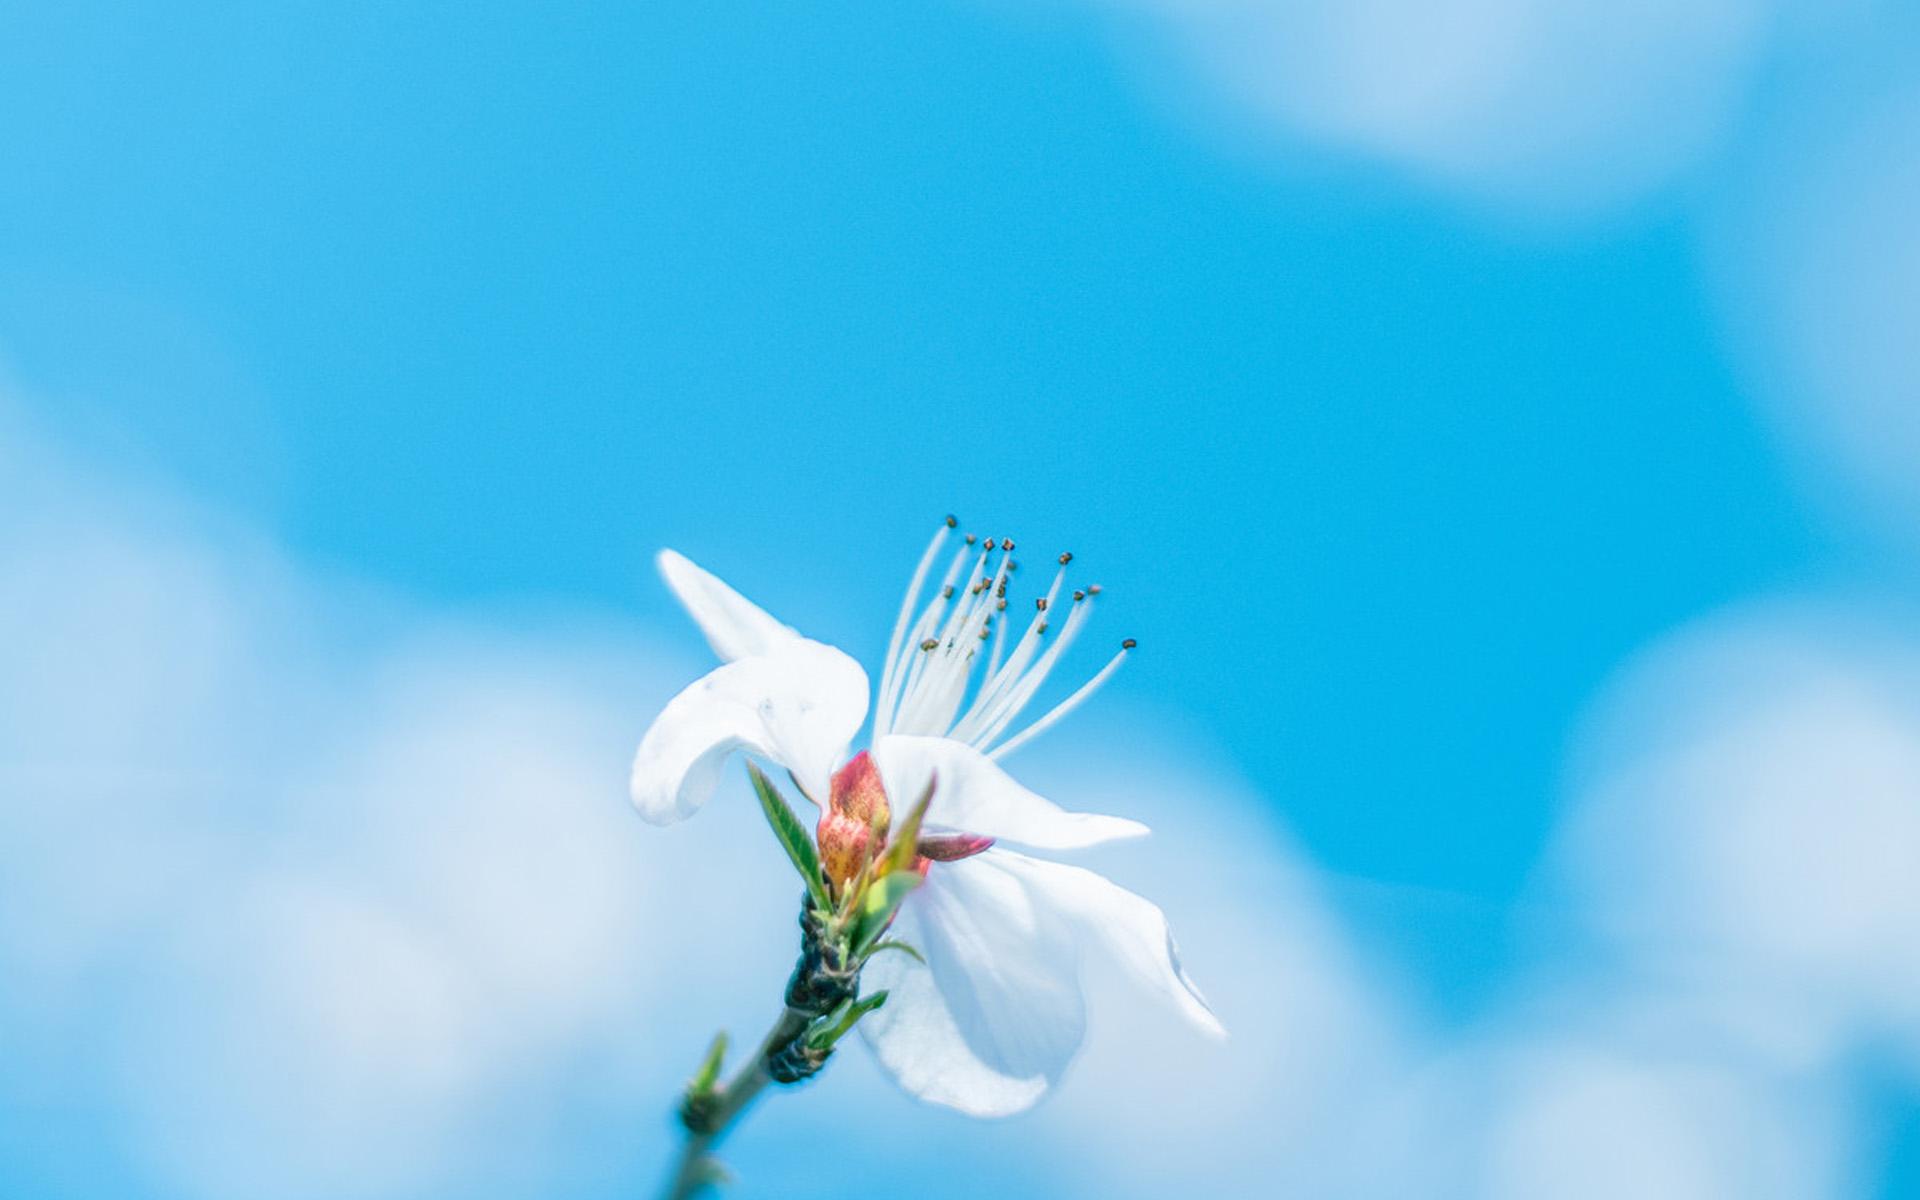 清新淡雅花卉图片桌面壁纸